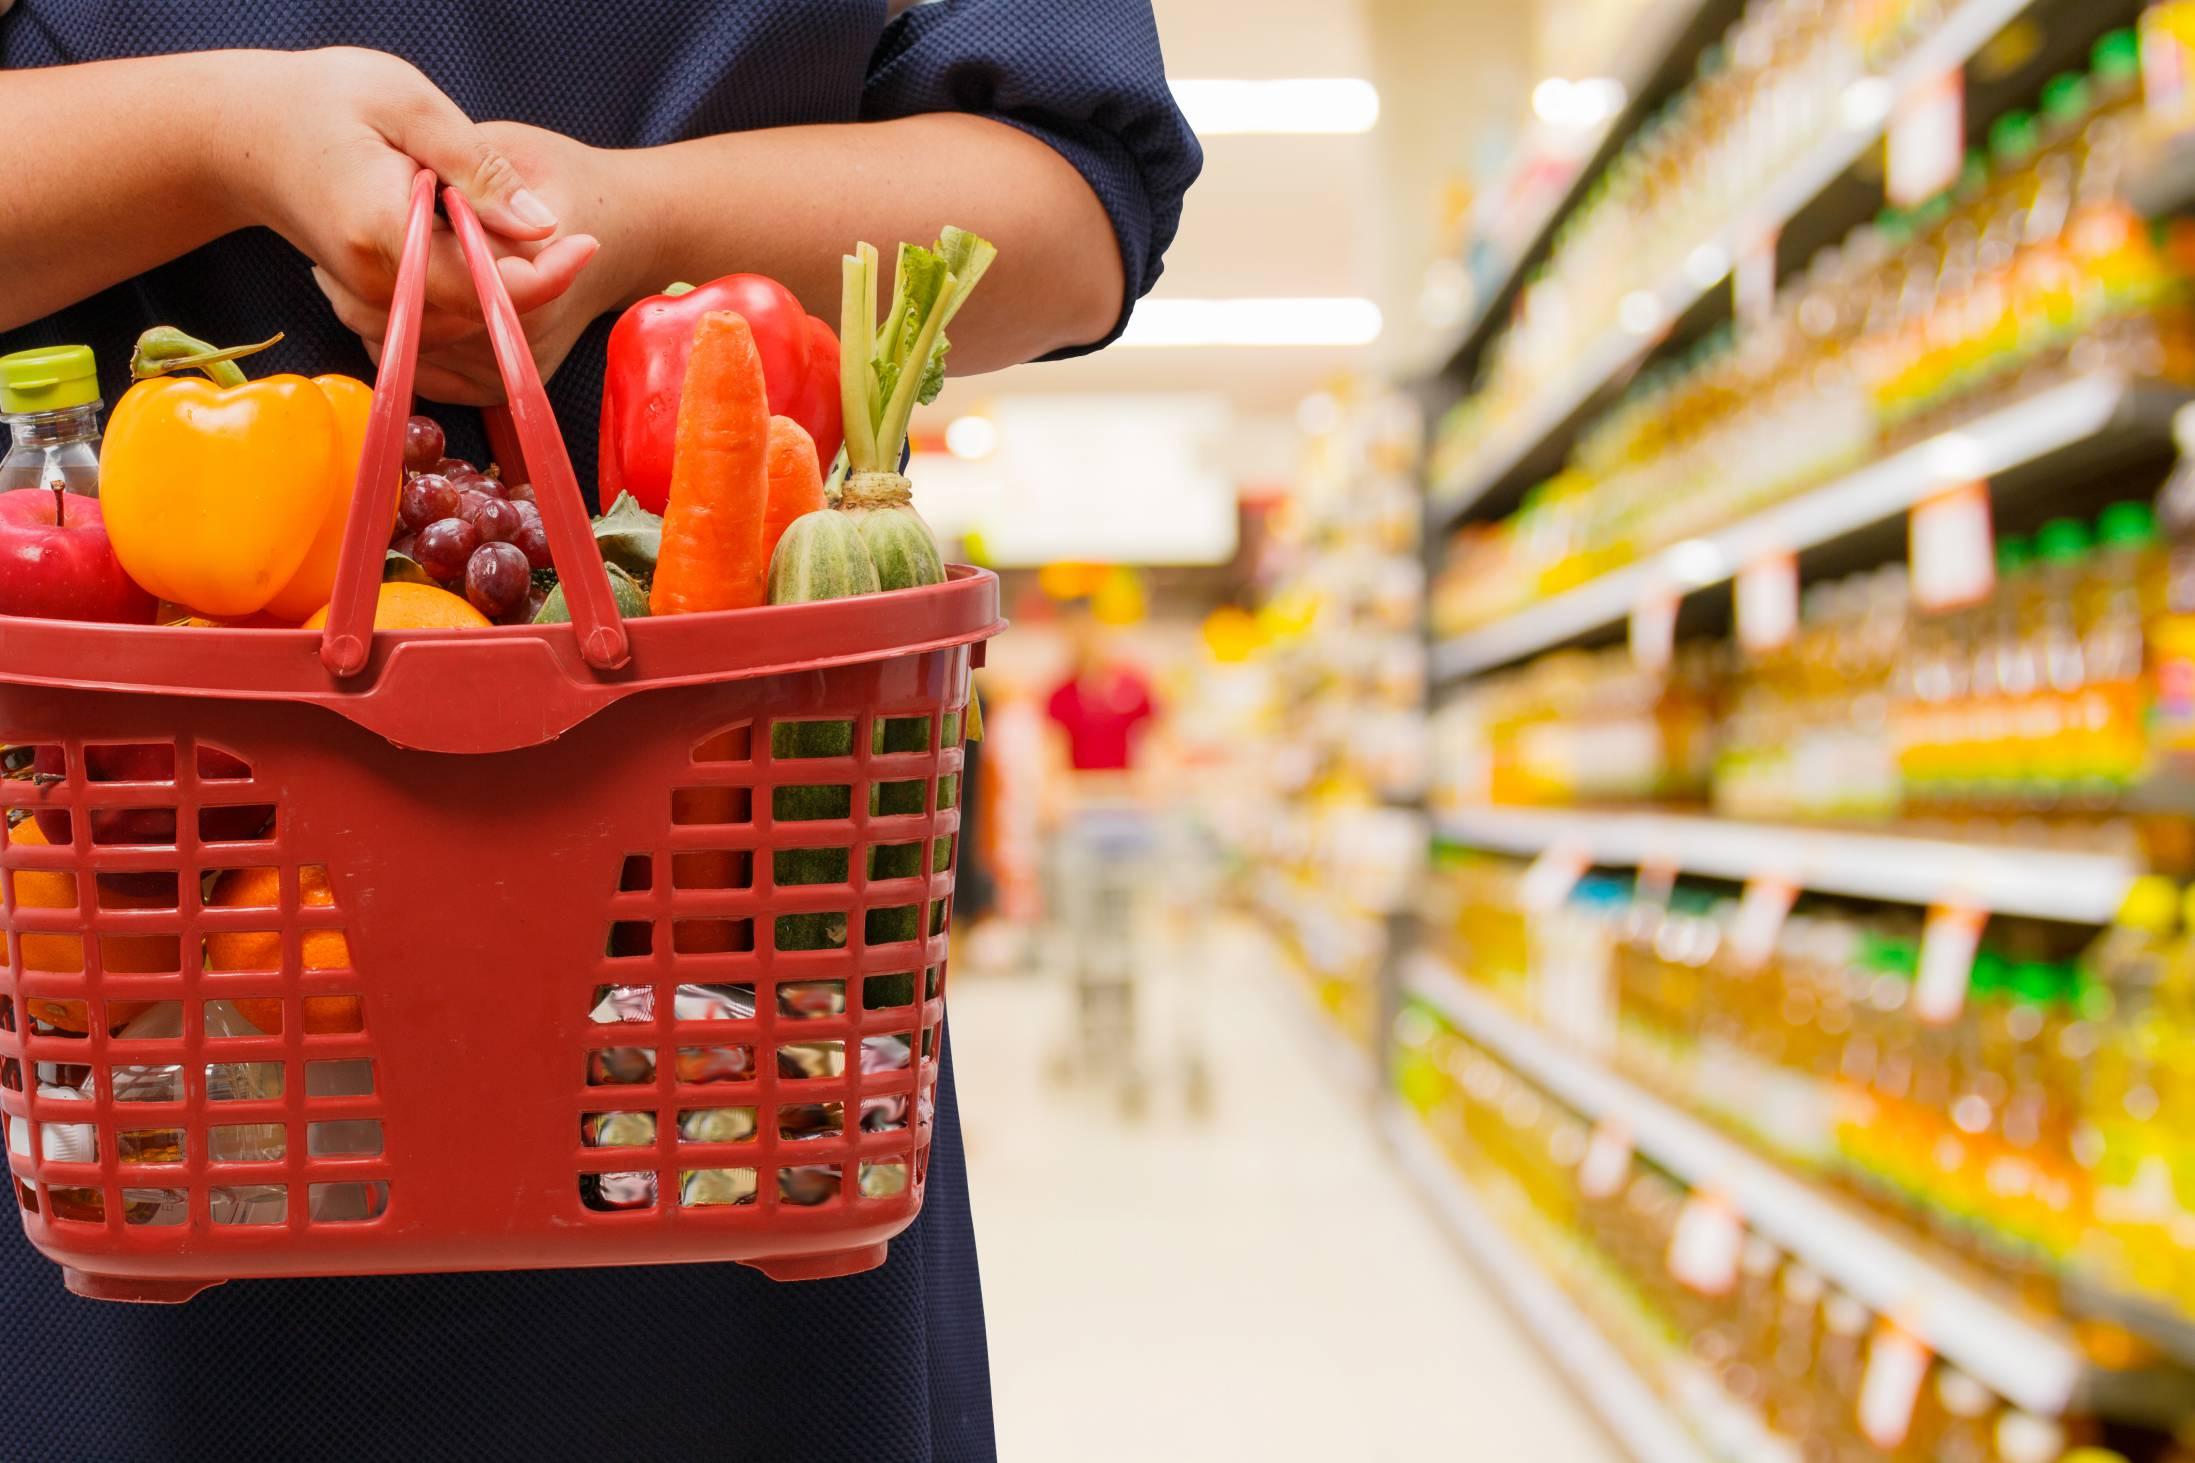 Стоимость минимального набора продуктов питания в Севастополе выросла с начала года на 19%